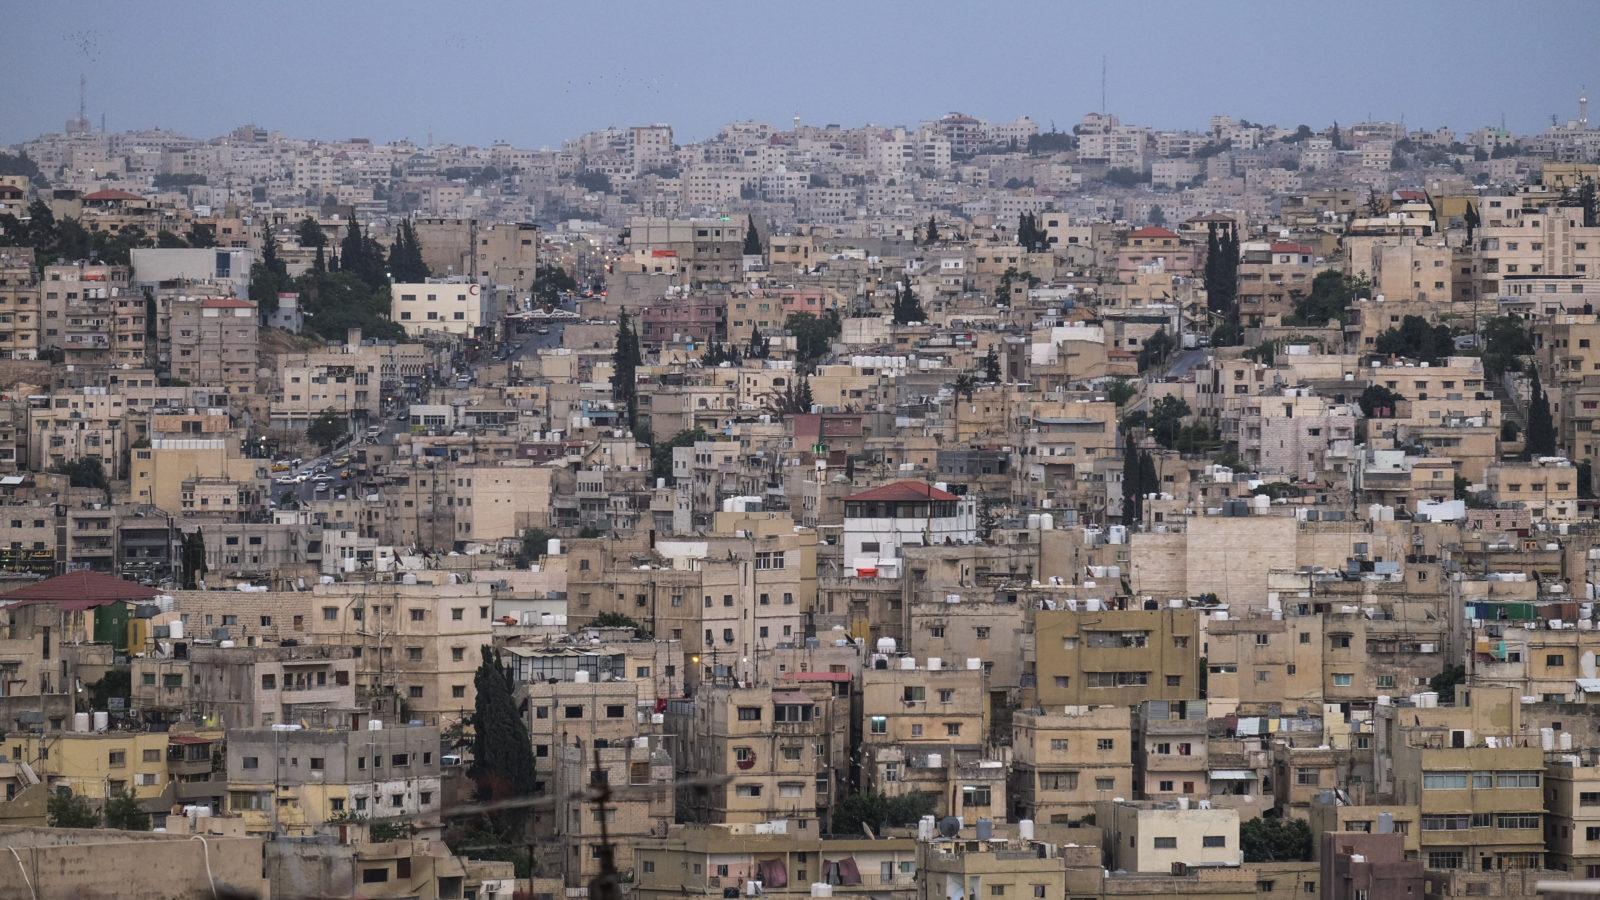 1805_Hombre_SWK_Baladk_Amman-4853